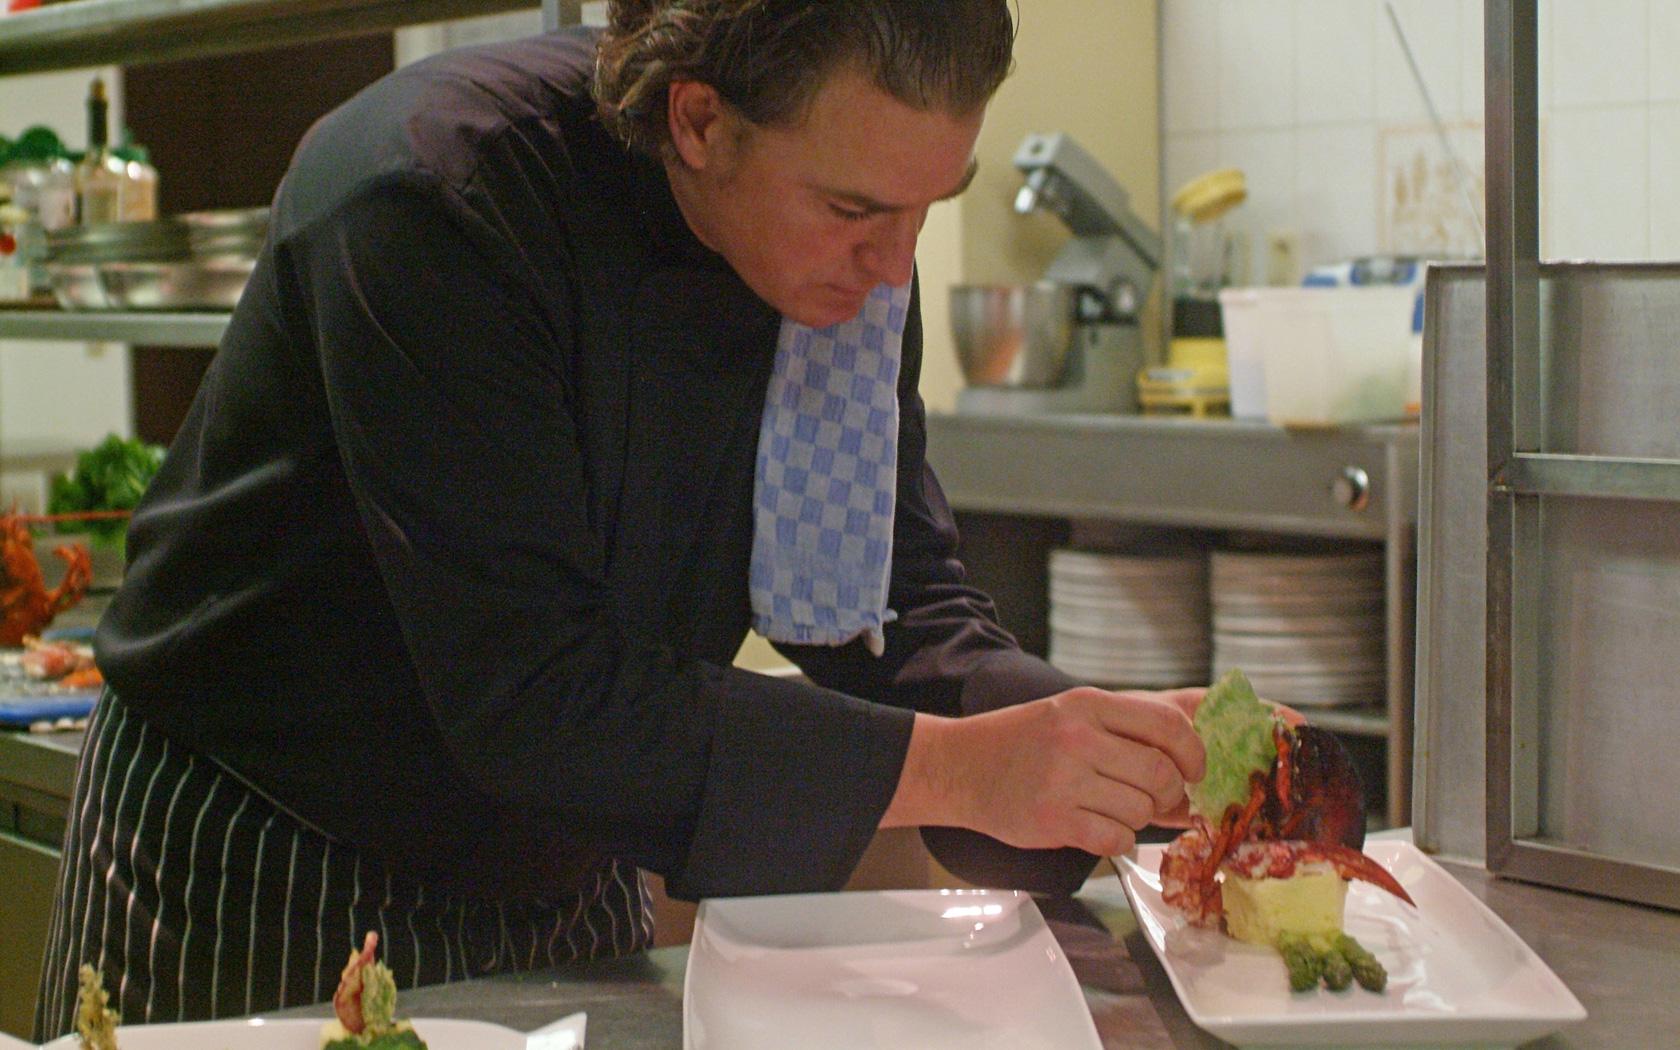 Restaurant - creatieve kookkunst is wat Thierry Fruyt hanteert